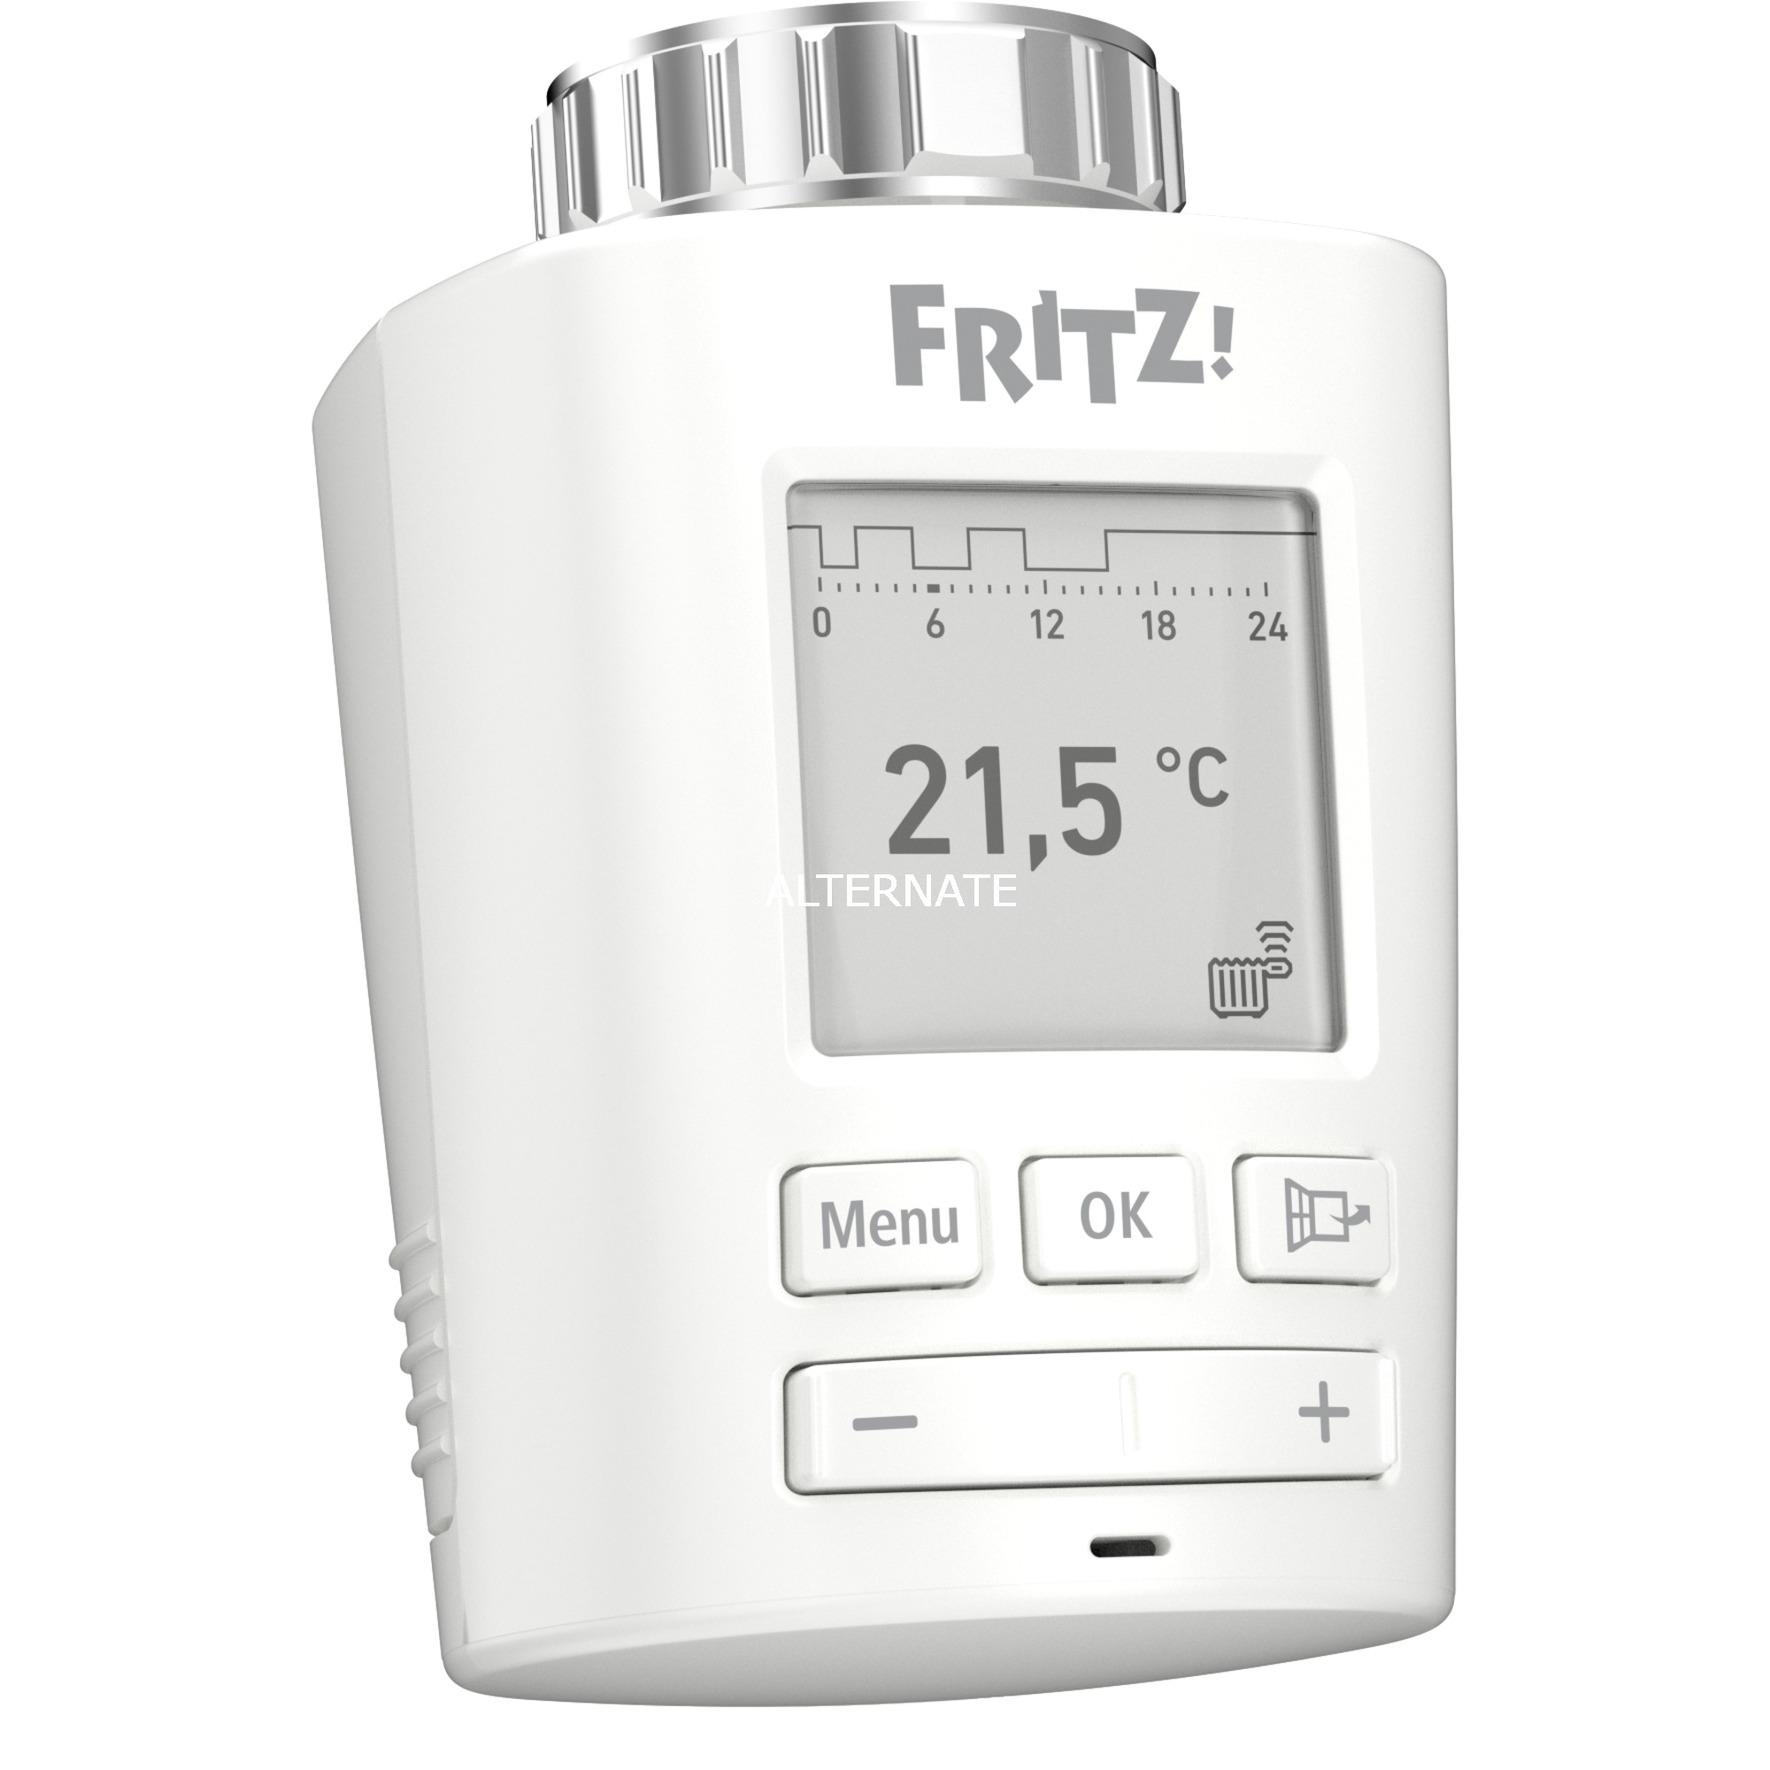 FRITZ!DECT 301 Blanco termoestato, Termostato de la calefacción